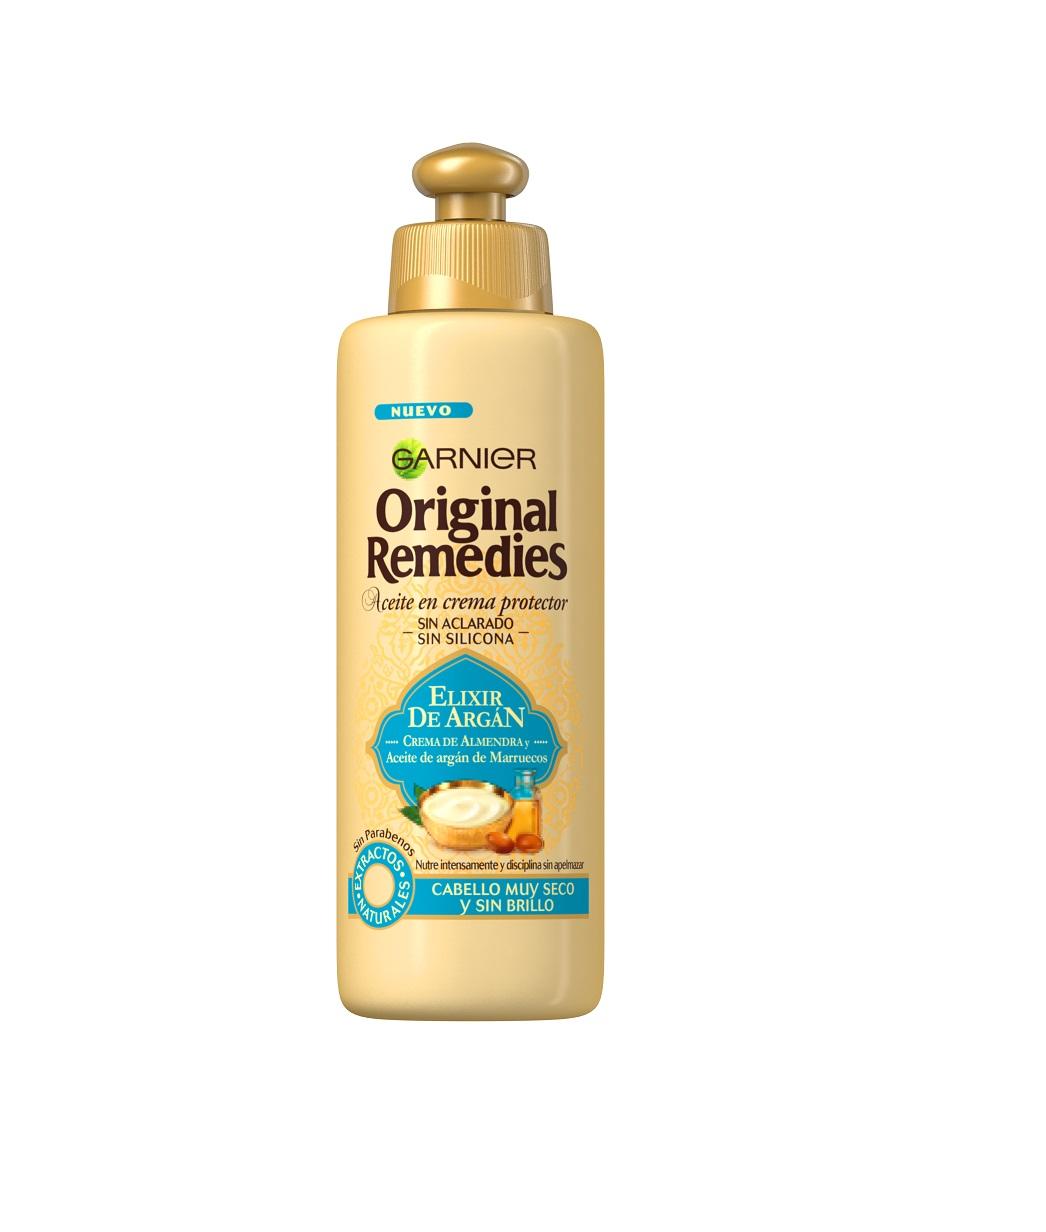 Combina el poder del aceite de argán. La textura cremosa y suave de Elixir de Argán, sin siliconas, envuelve el cabello de raíz a puntas. A la vez cálido y ligero, el perfume de Elixir de Argán te transportará a  Marruecos en cada lavado. Resultado: nutrido intensamente, el cabello recobra suavidad y disciplina. Resplandeciente de belleza y más fácil de peinar, recobra su vitalidad. En definitiva, un ritual cremoso y nutritivo para un pelo naturalmente suave, suelto y lleno de vida. (3,30€)